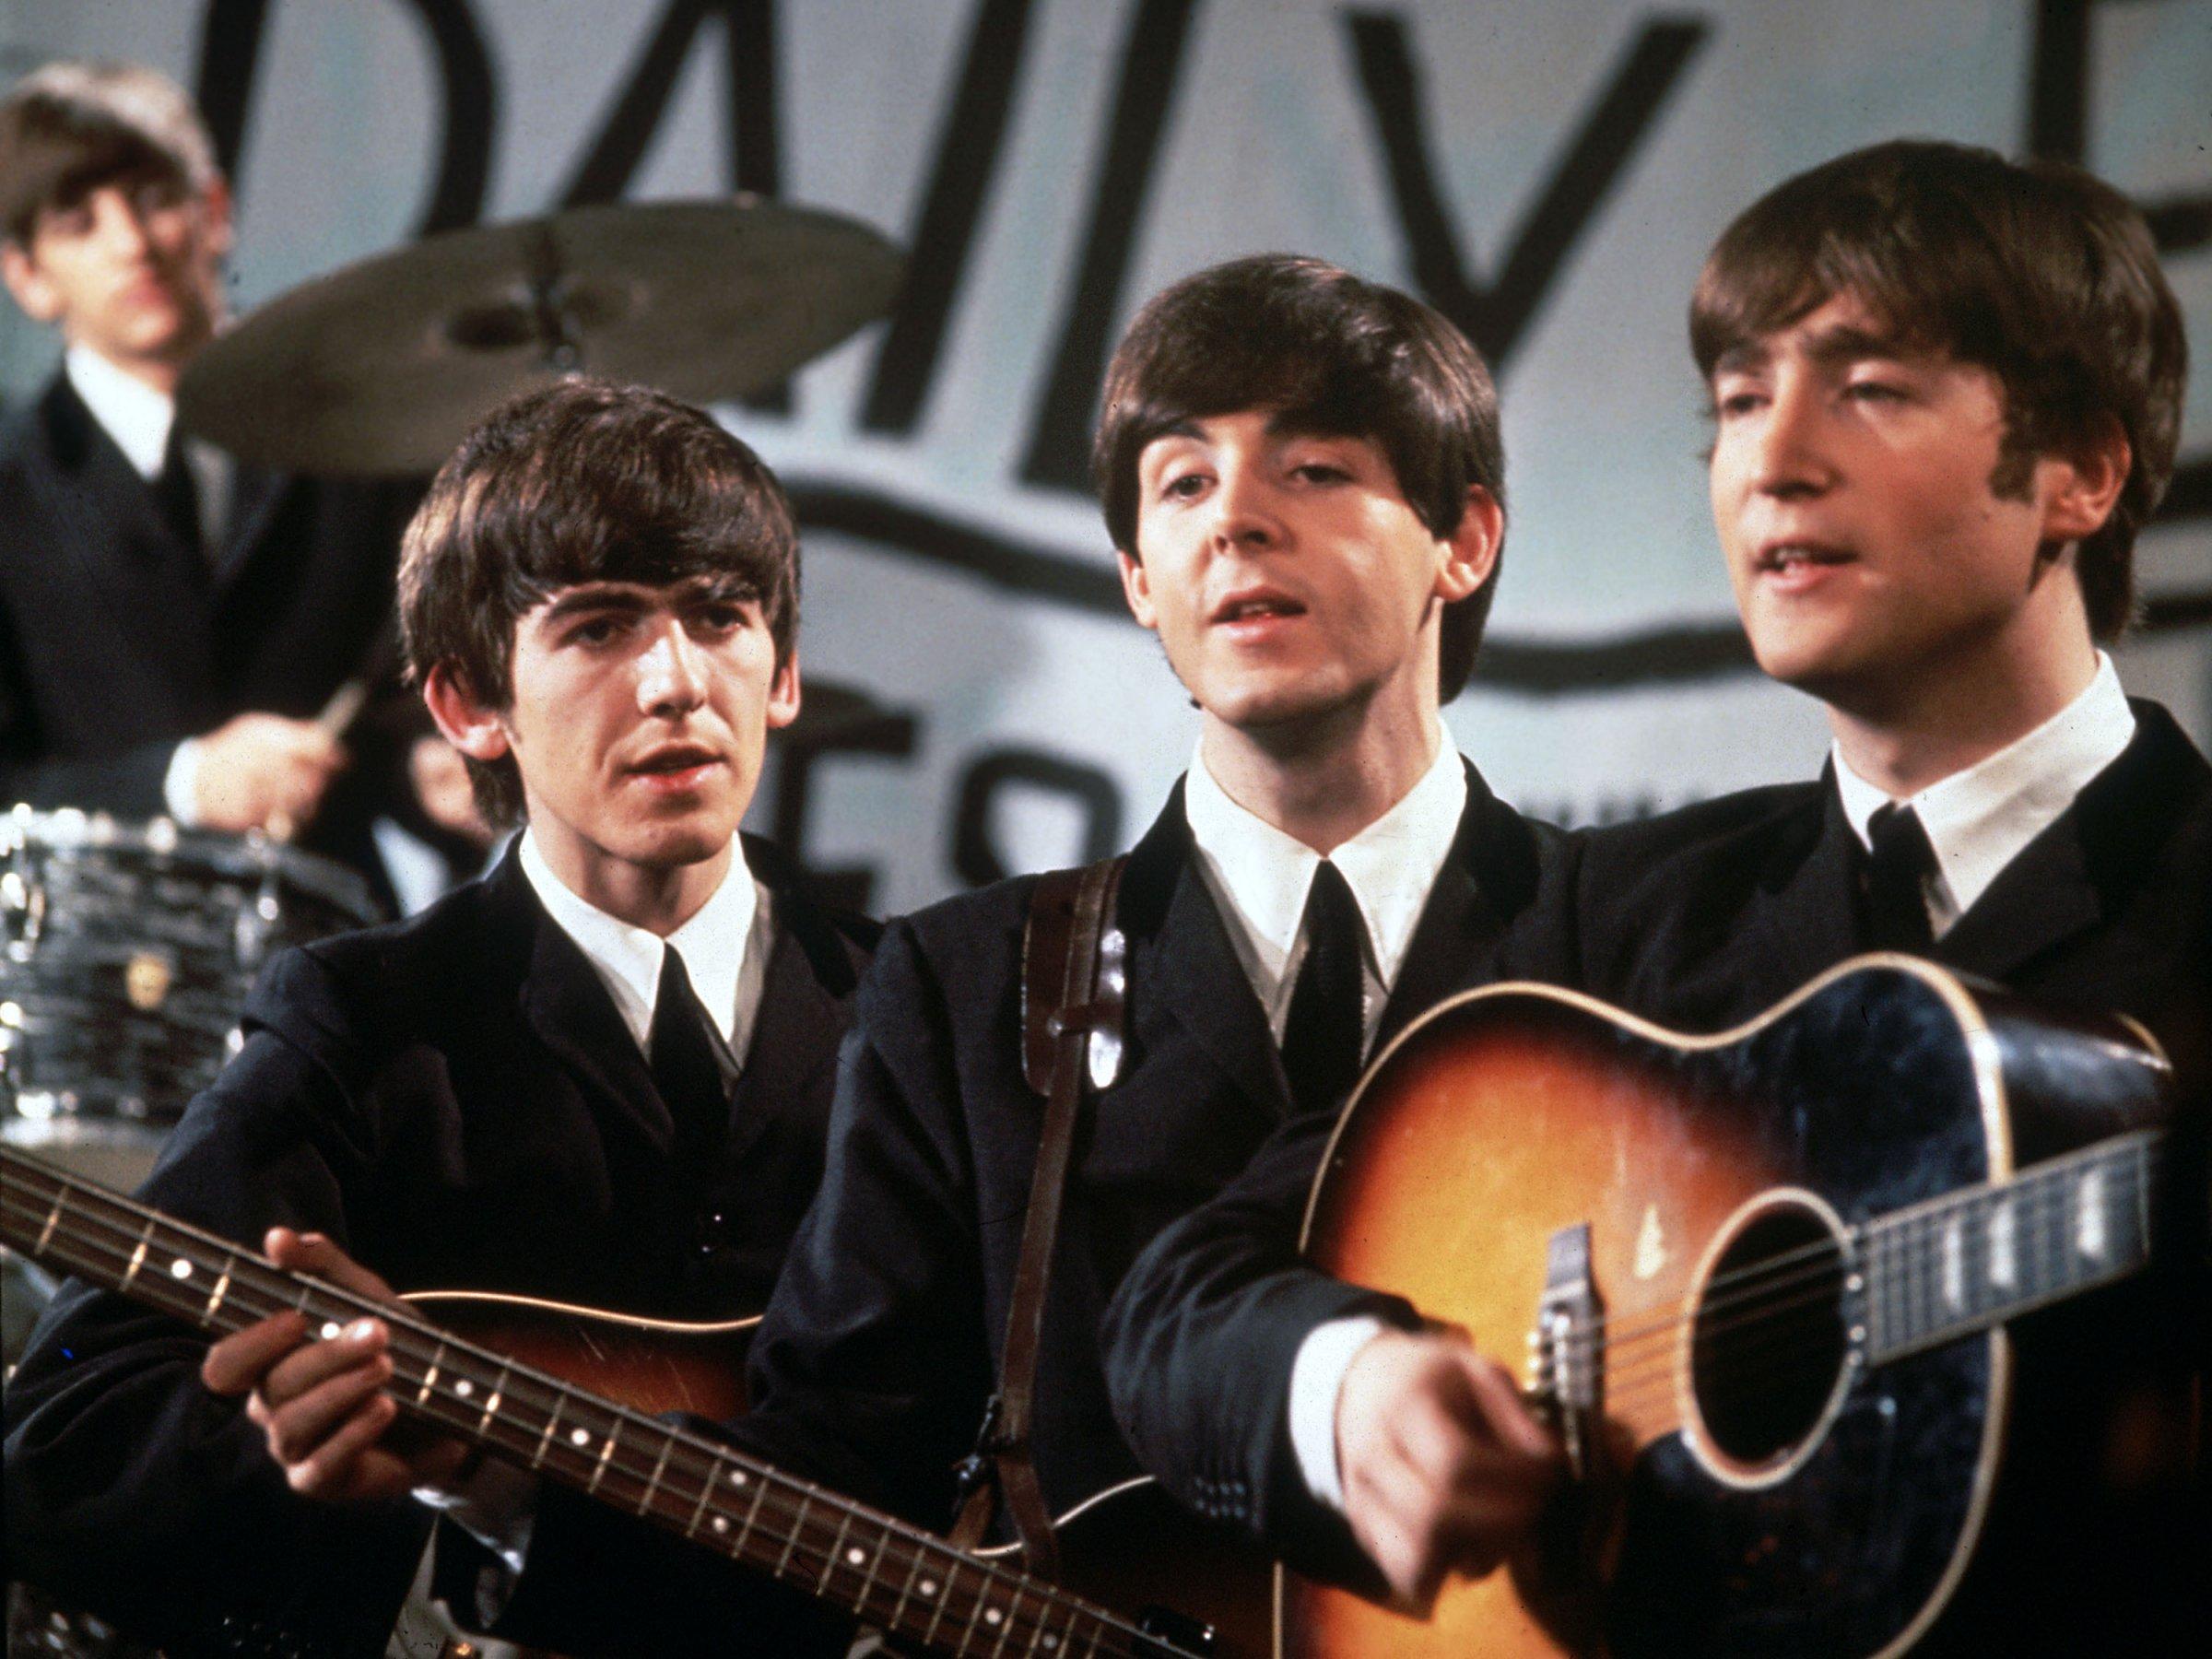 Неизданная демо-запись The Beatles 1963 года выставлена на аукцион